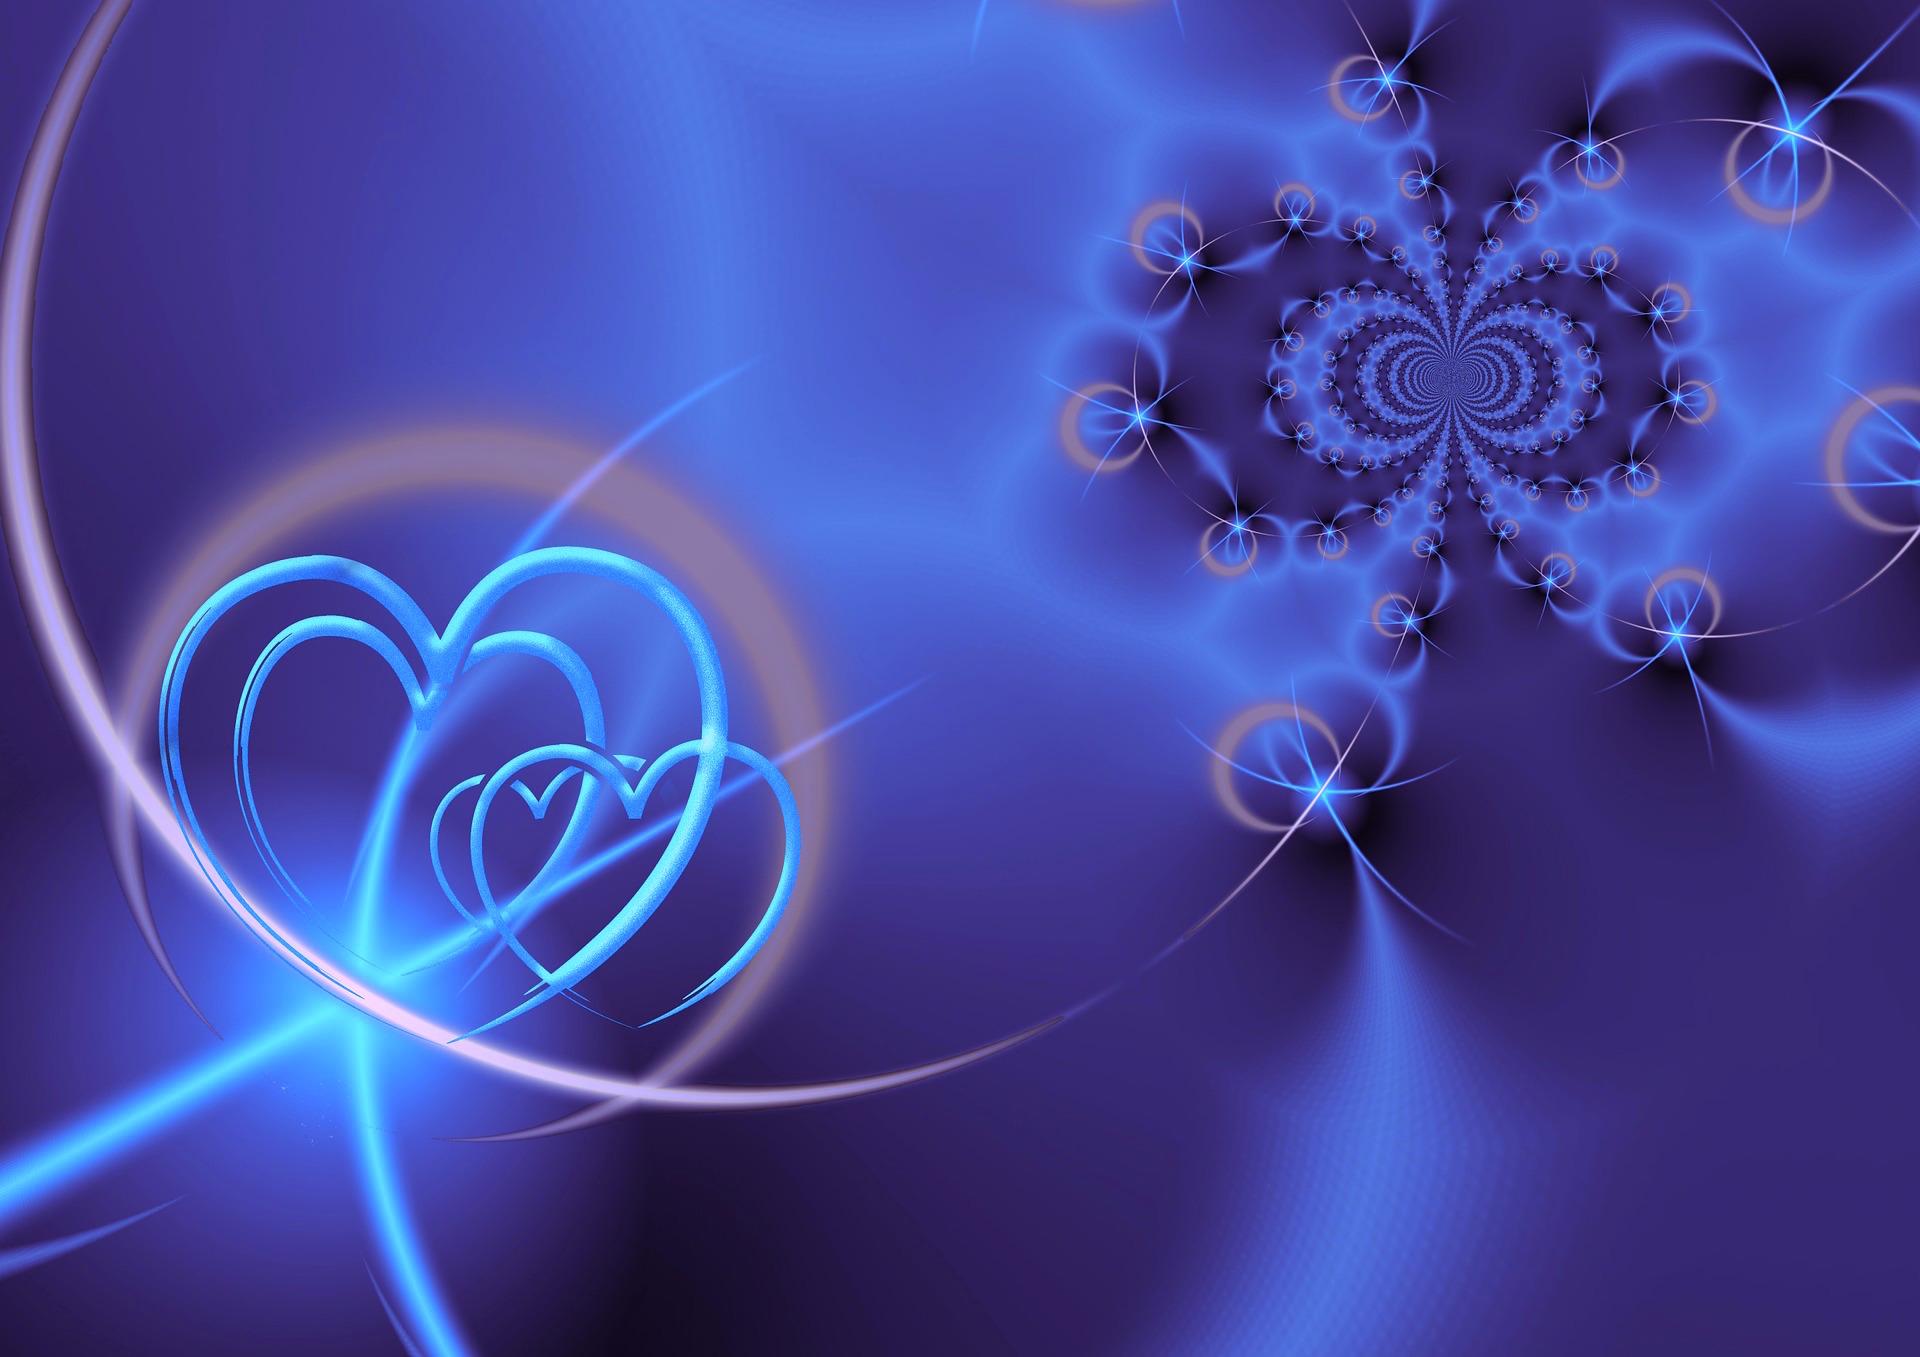 Liefde op zielsniveau: het openen van nieuwe dimensies